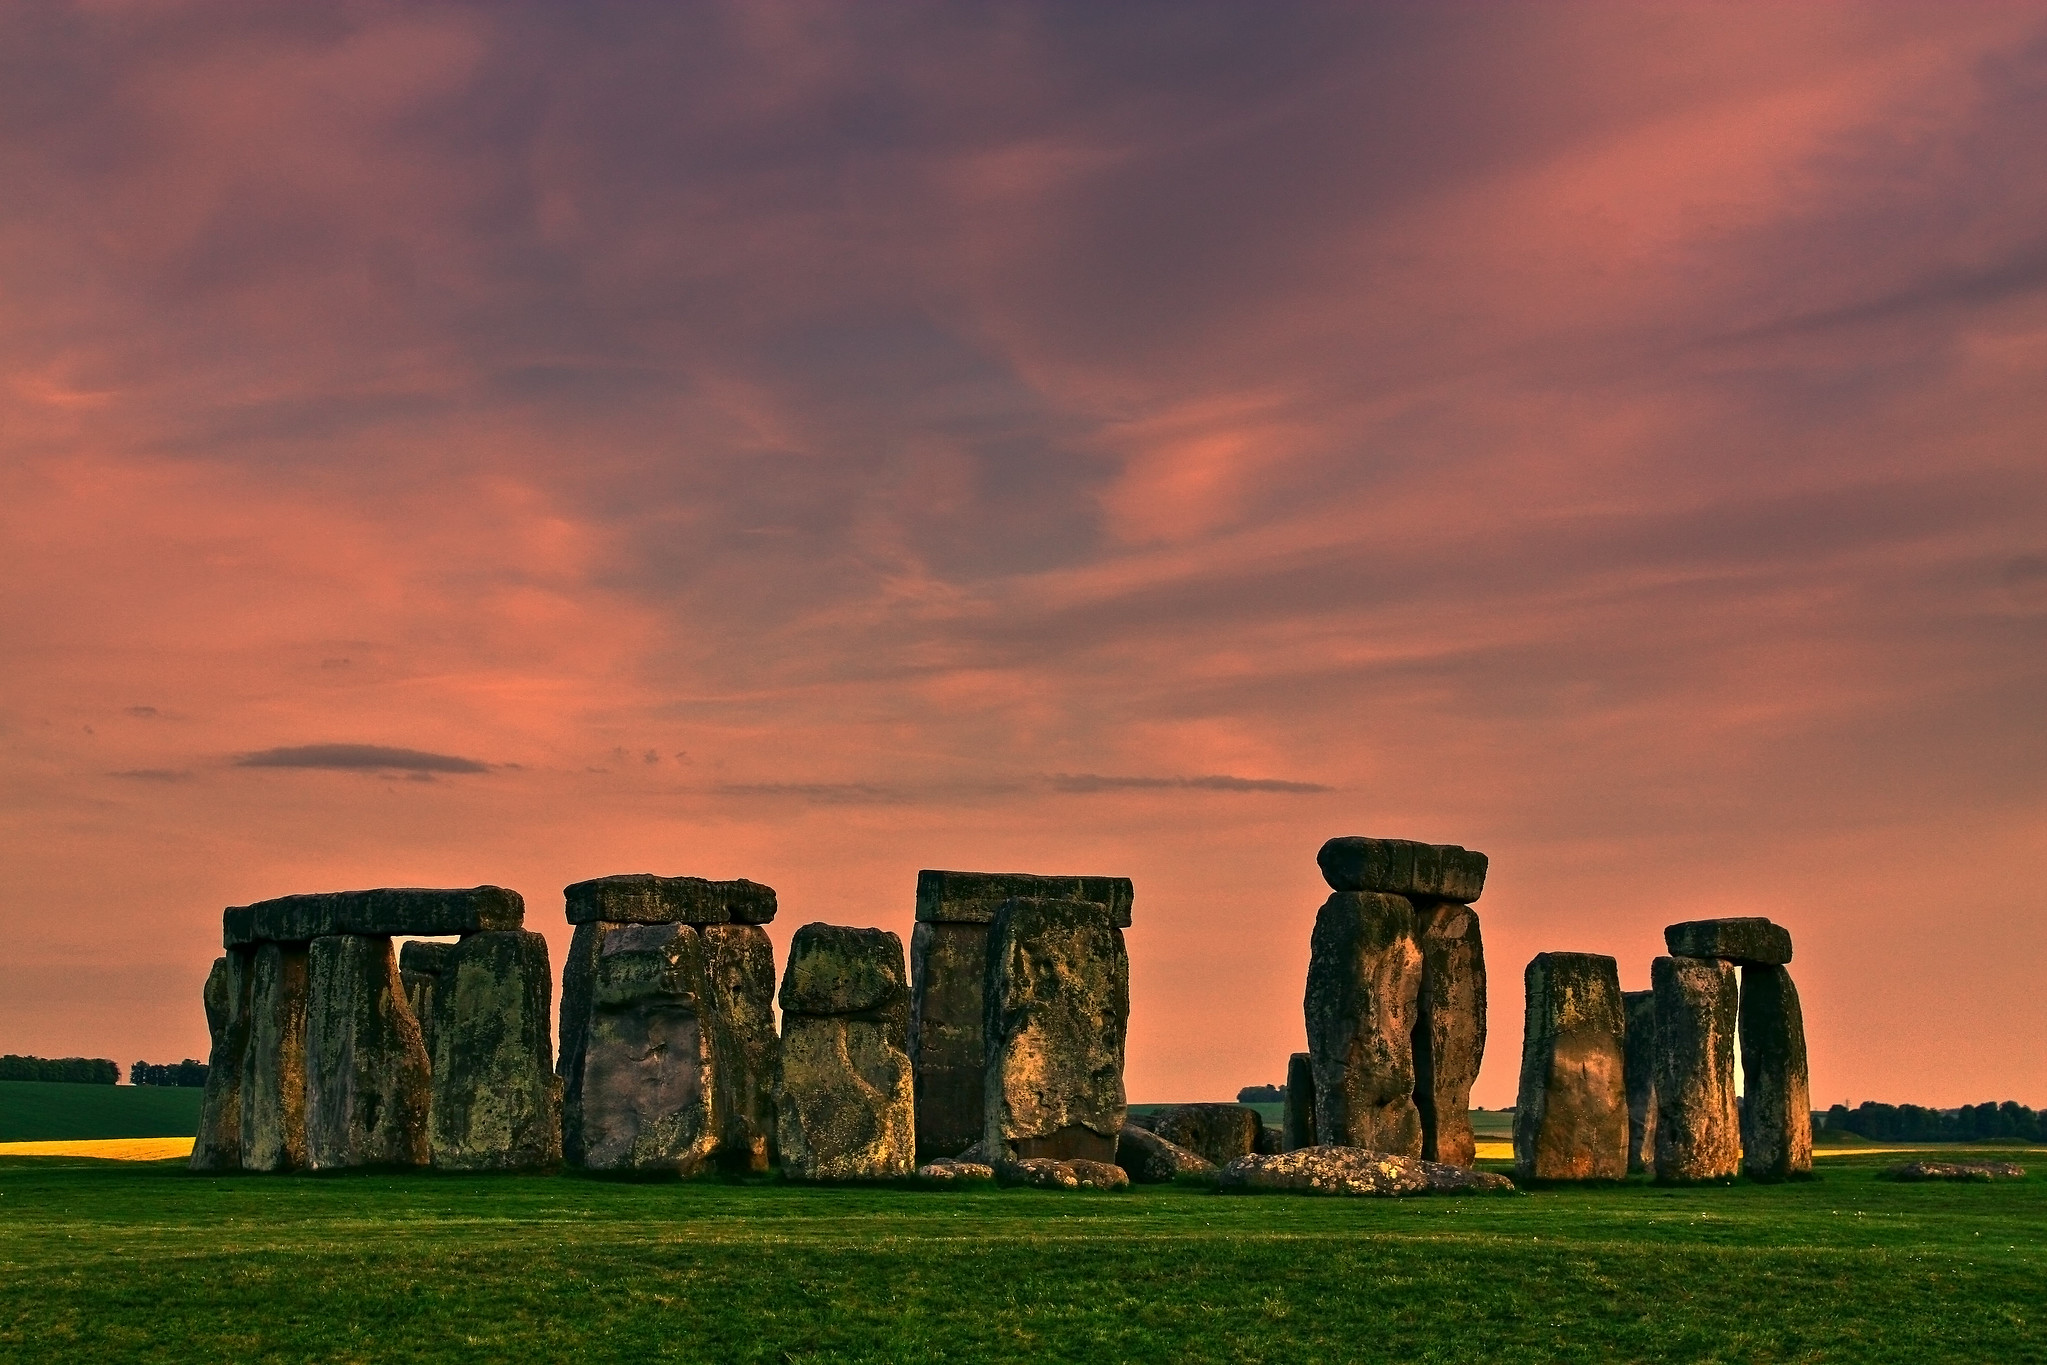 Stonehenge, galerie Flickr de .aditya.